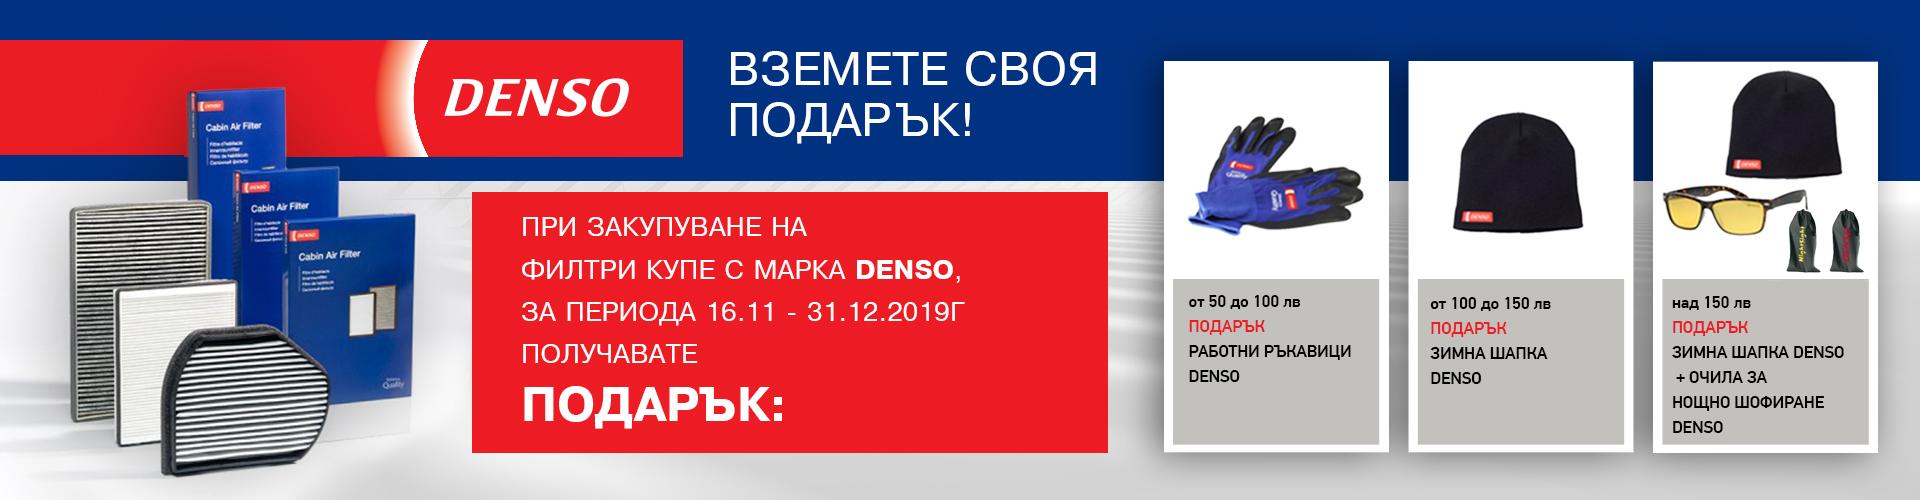 promo_denso_16.11.2019-31.12.2019_banner.jpg